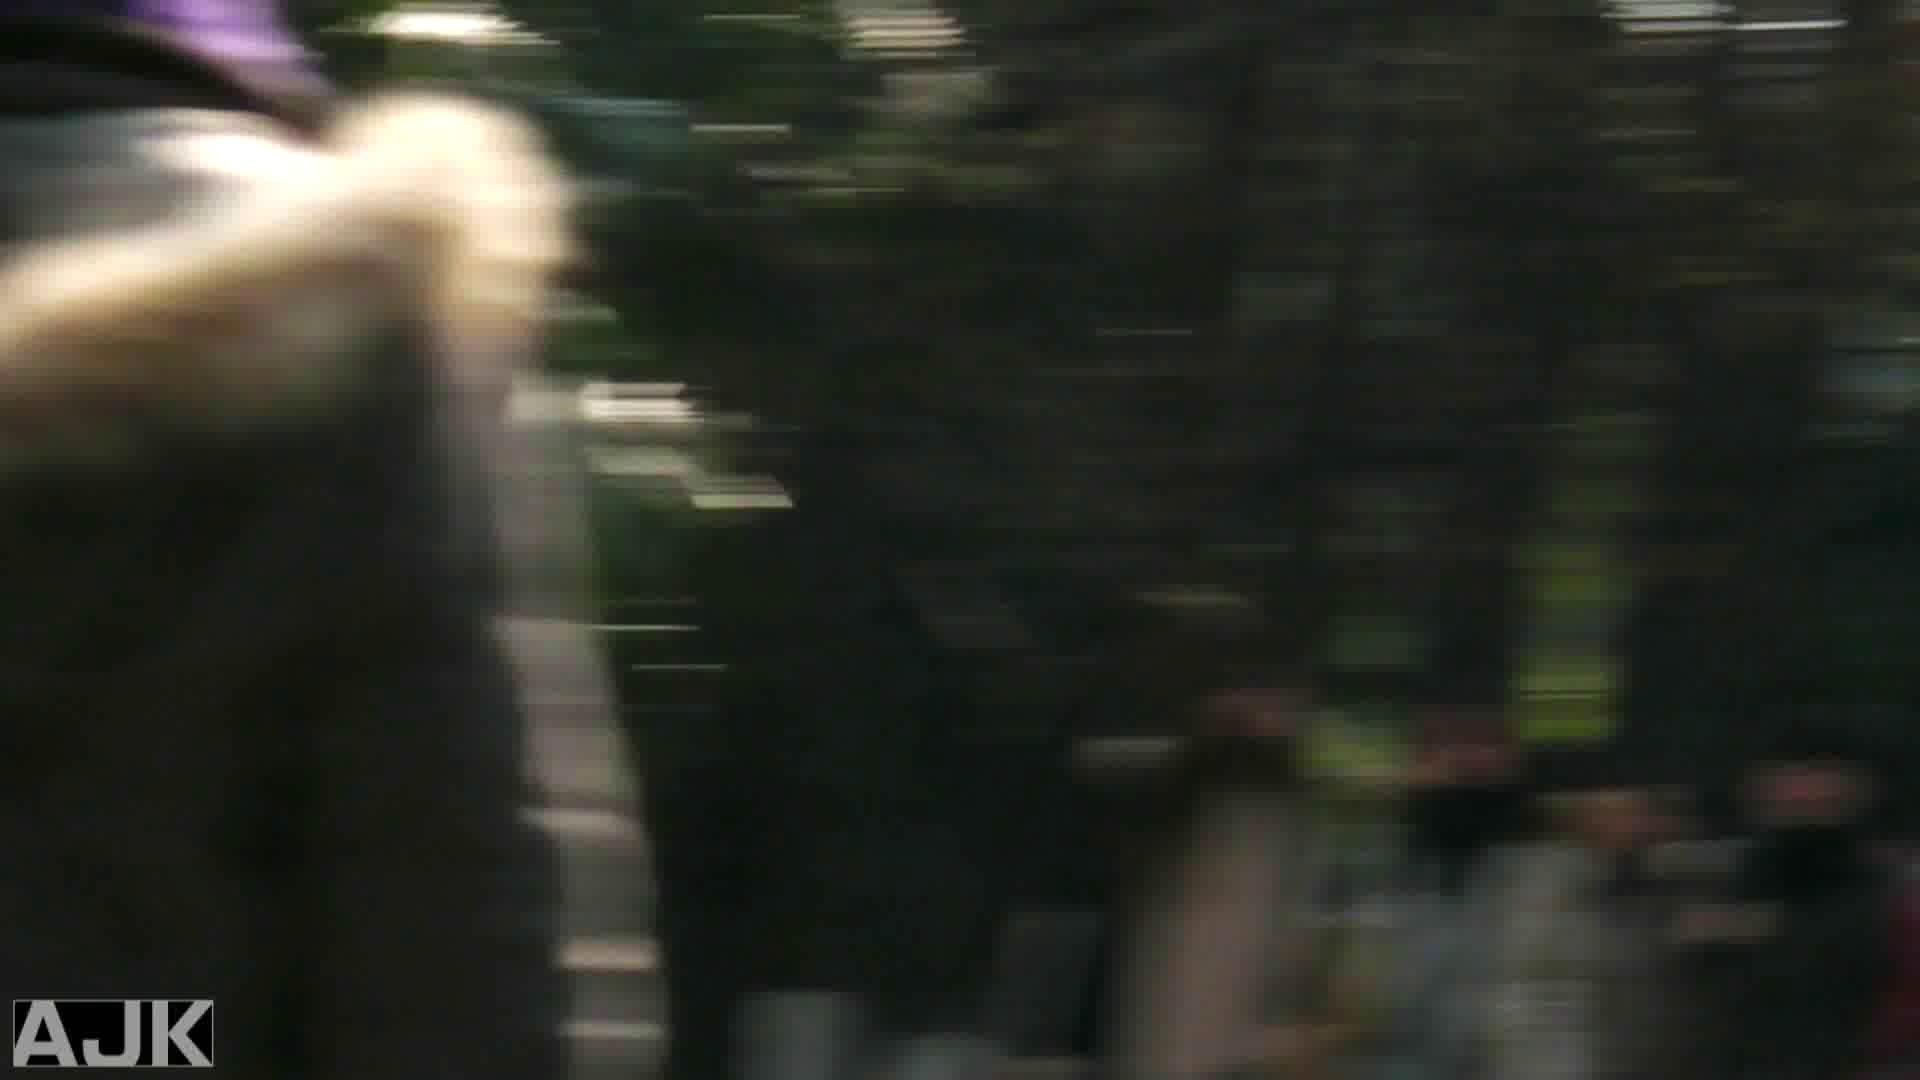 神降臨!史上最強の潜入かわや! vol.03 マンコ・ムレムレ | 潜入突撃  95pic 78